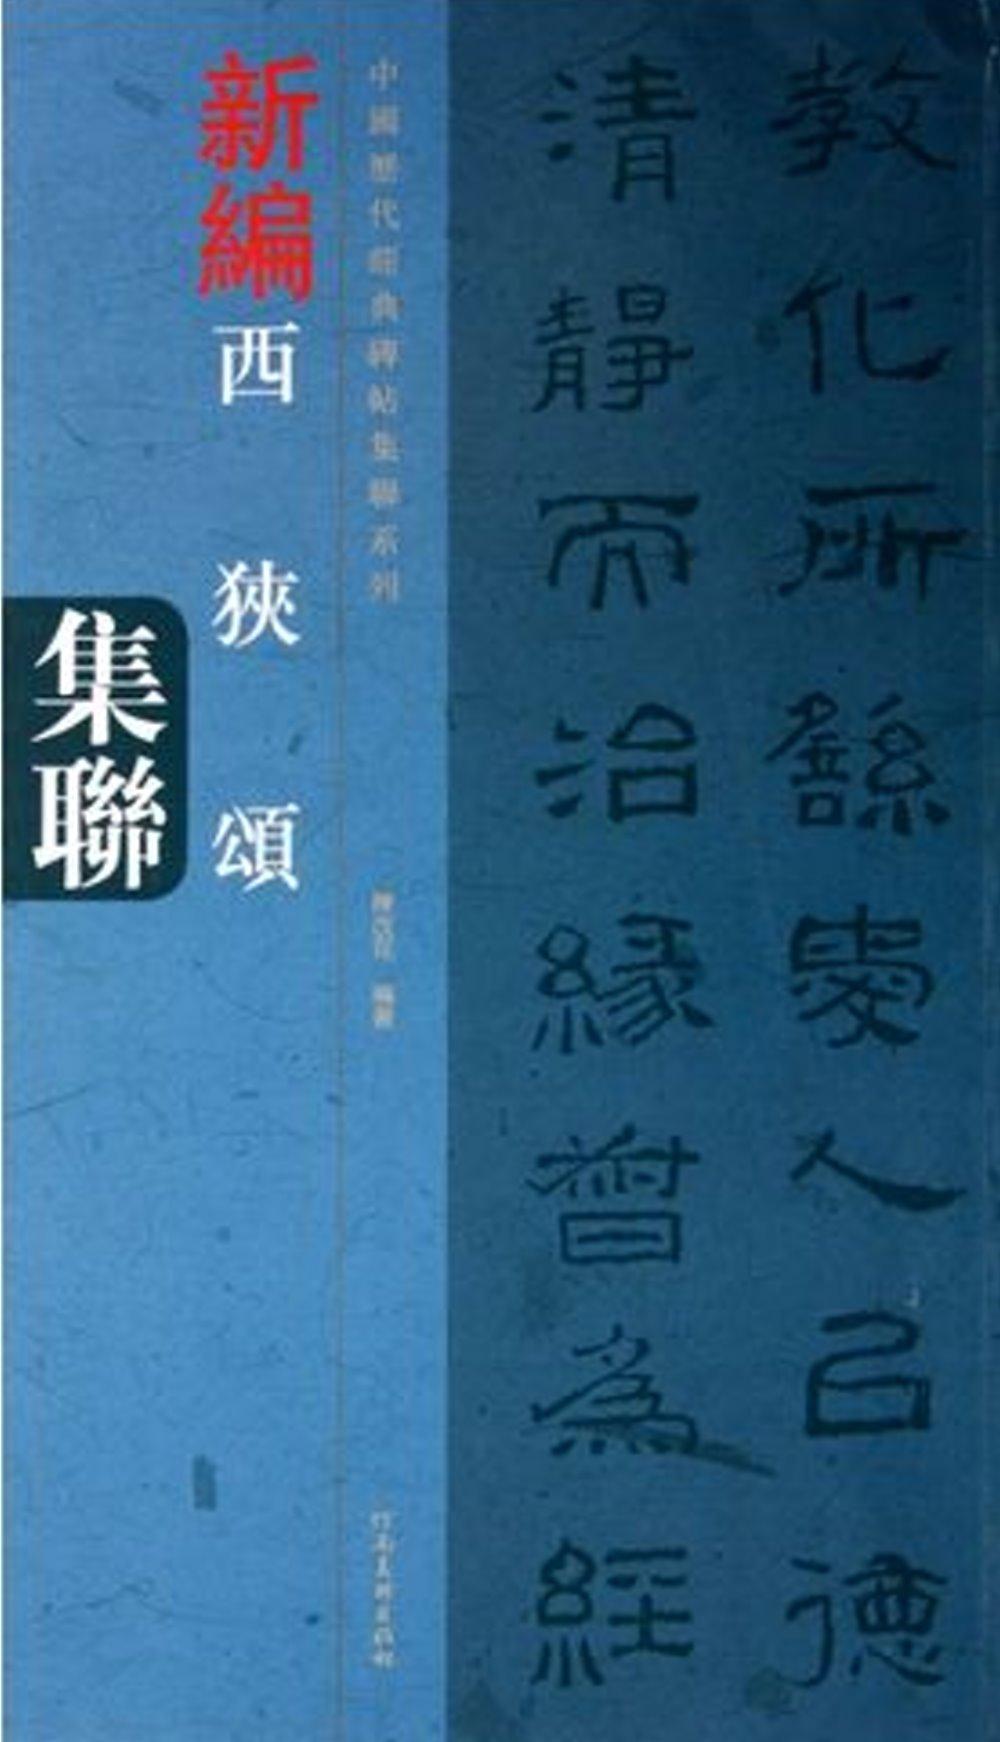 中國出版:追尋中華文明的字紙春秋(英漢)